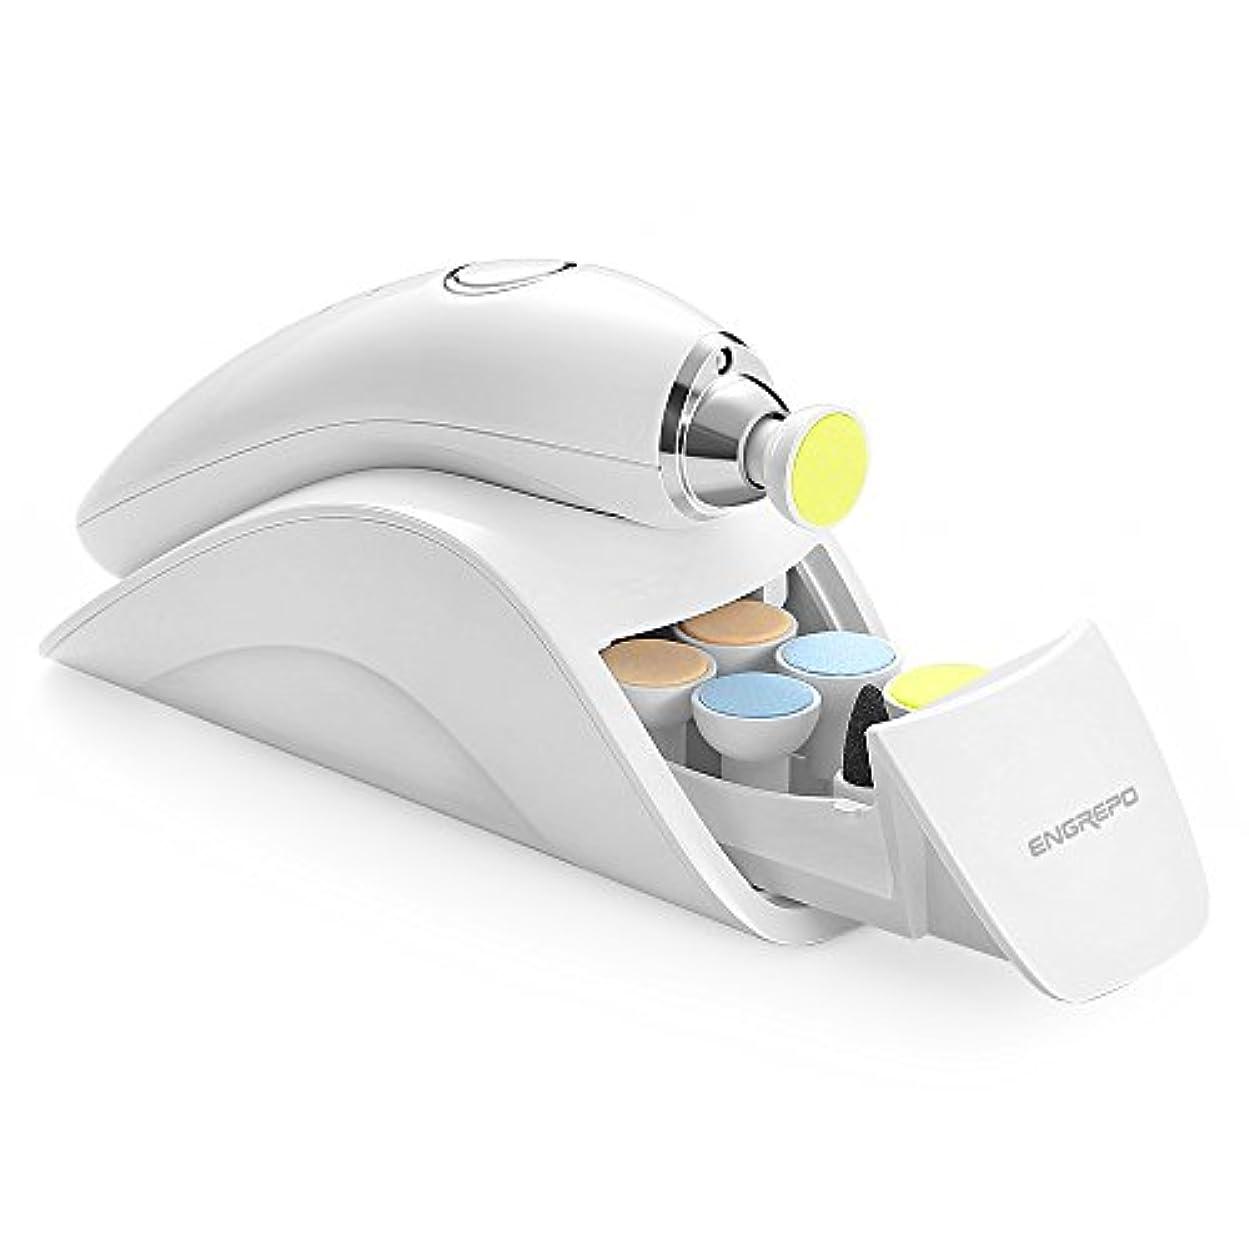 反毒連合節約するENGREPO ベビーレーベル ネイルケアセット レーベル ホワイト(新生児~対象) ママにも使えるネイルケア(4種類の磨きヘッド、超低デシベル、3速ギア、LEDフィルインライト)円弧充電ベース隠し収納ボックス付き